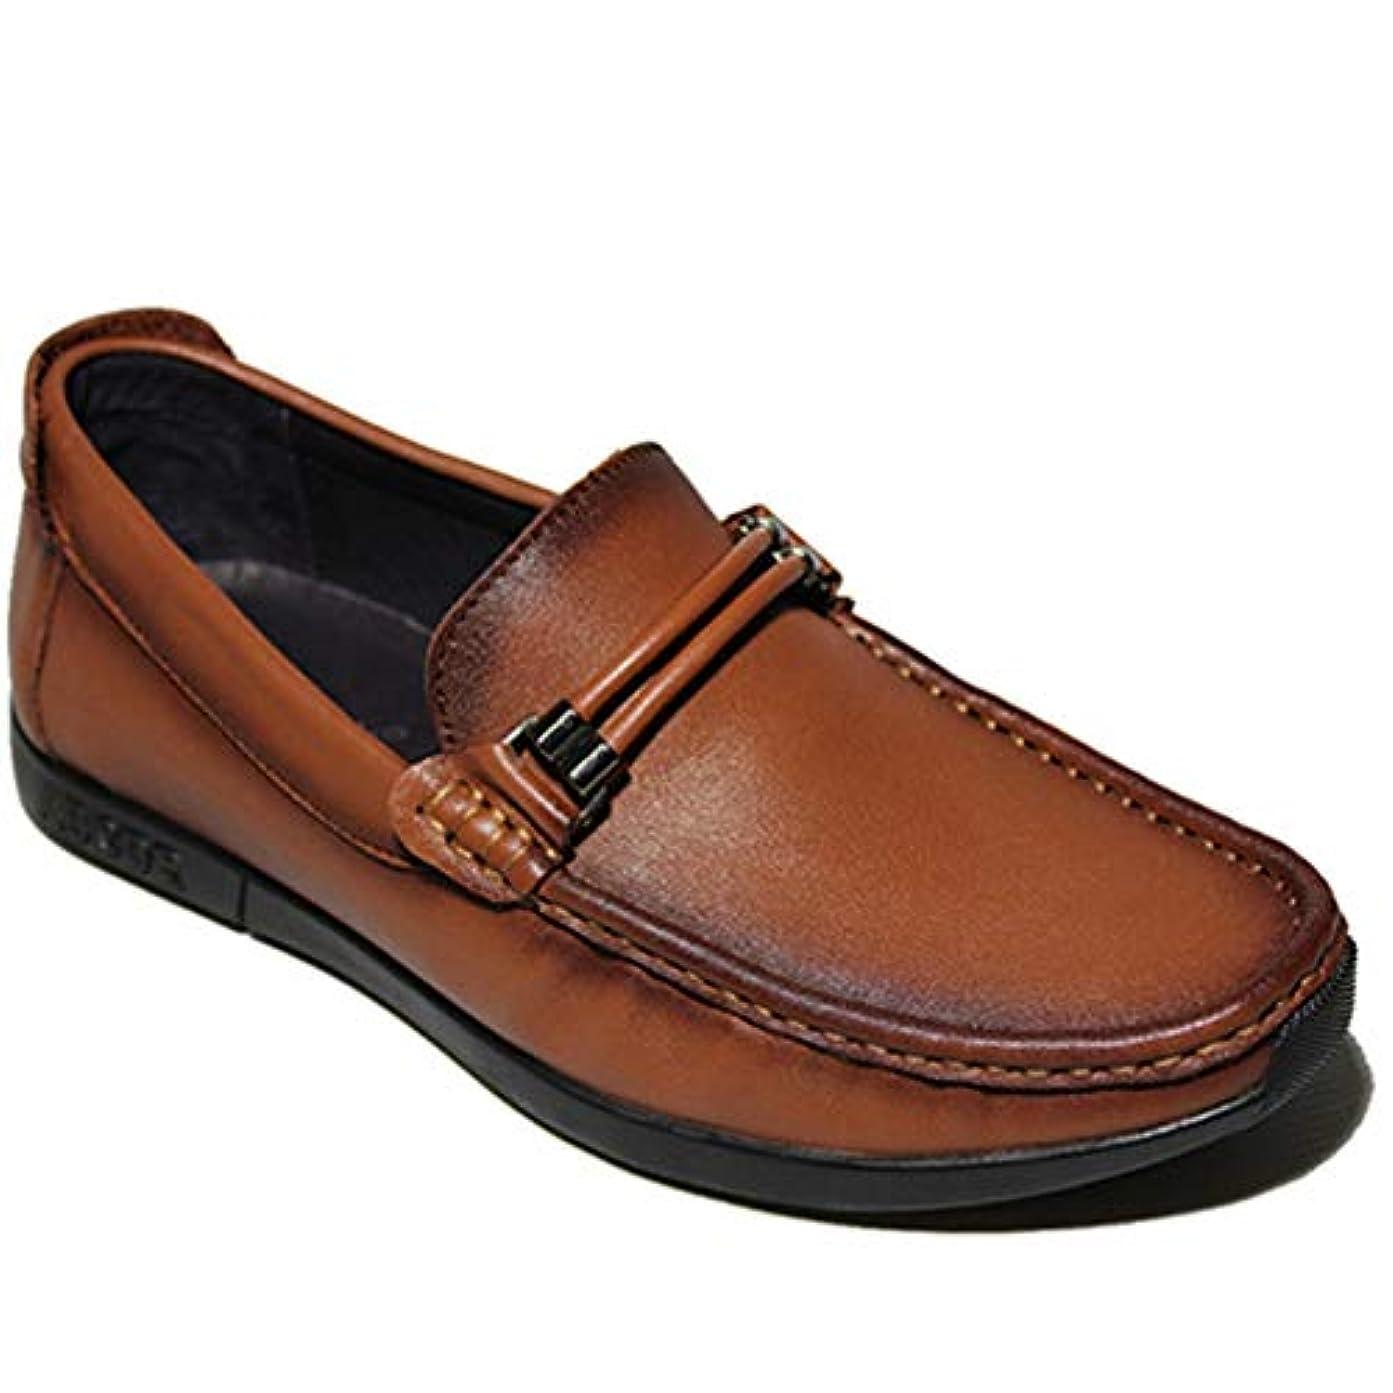 スクラップ王室ドラマ本革 ドライビングシューズ メンズ ビジネスシューズ カジュアルシューズ 革靴 ローファー デッキシューズ レザー 革 モカシン メンズシューズ 靴 メンズ スニーカー 屈曲性 おしゃれ